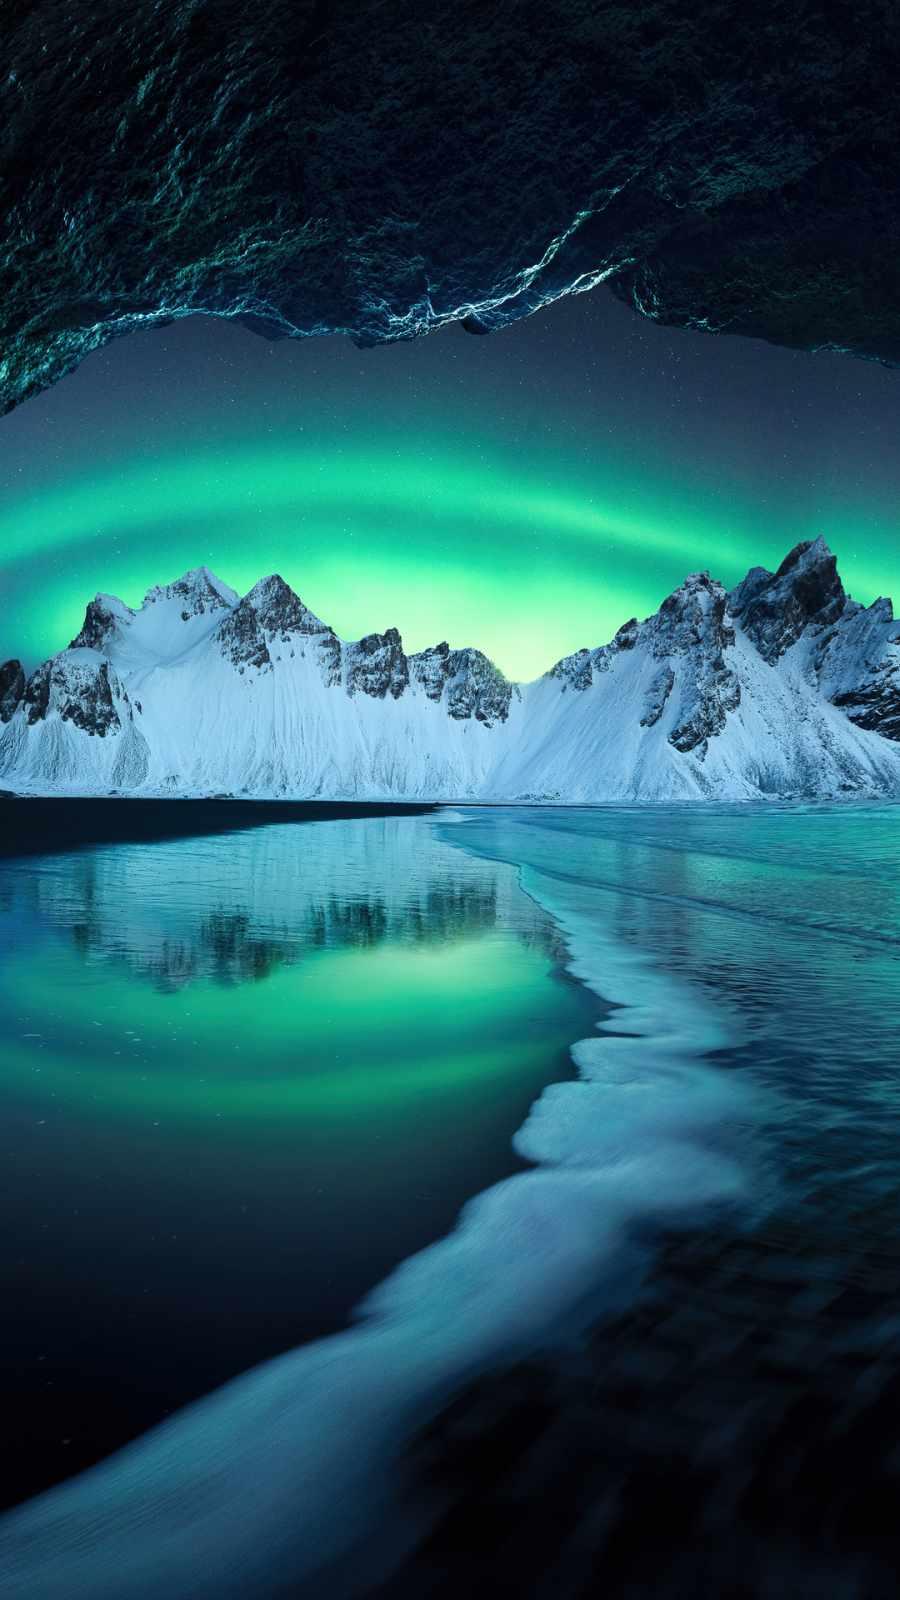 Aurora in iceland mountains